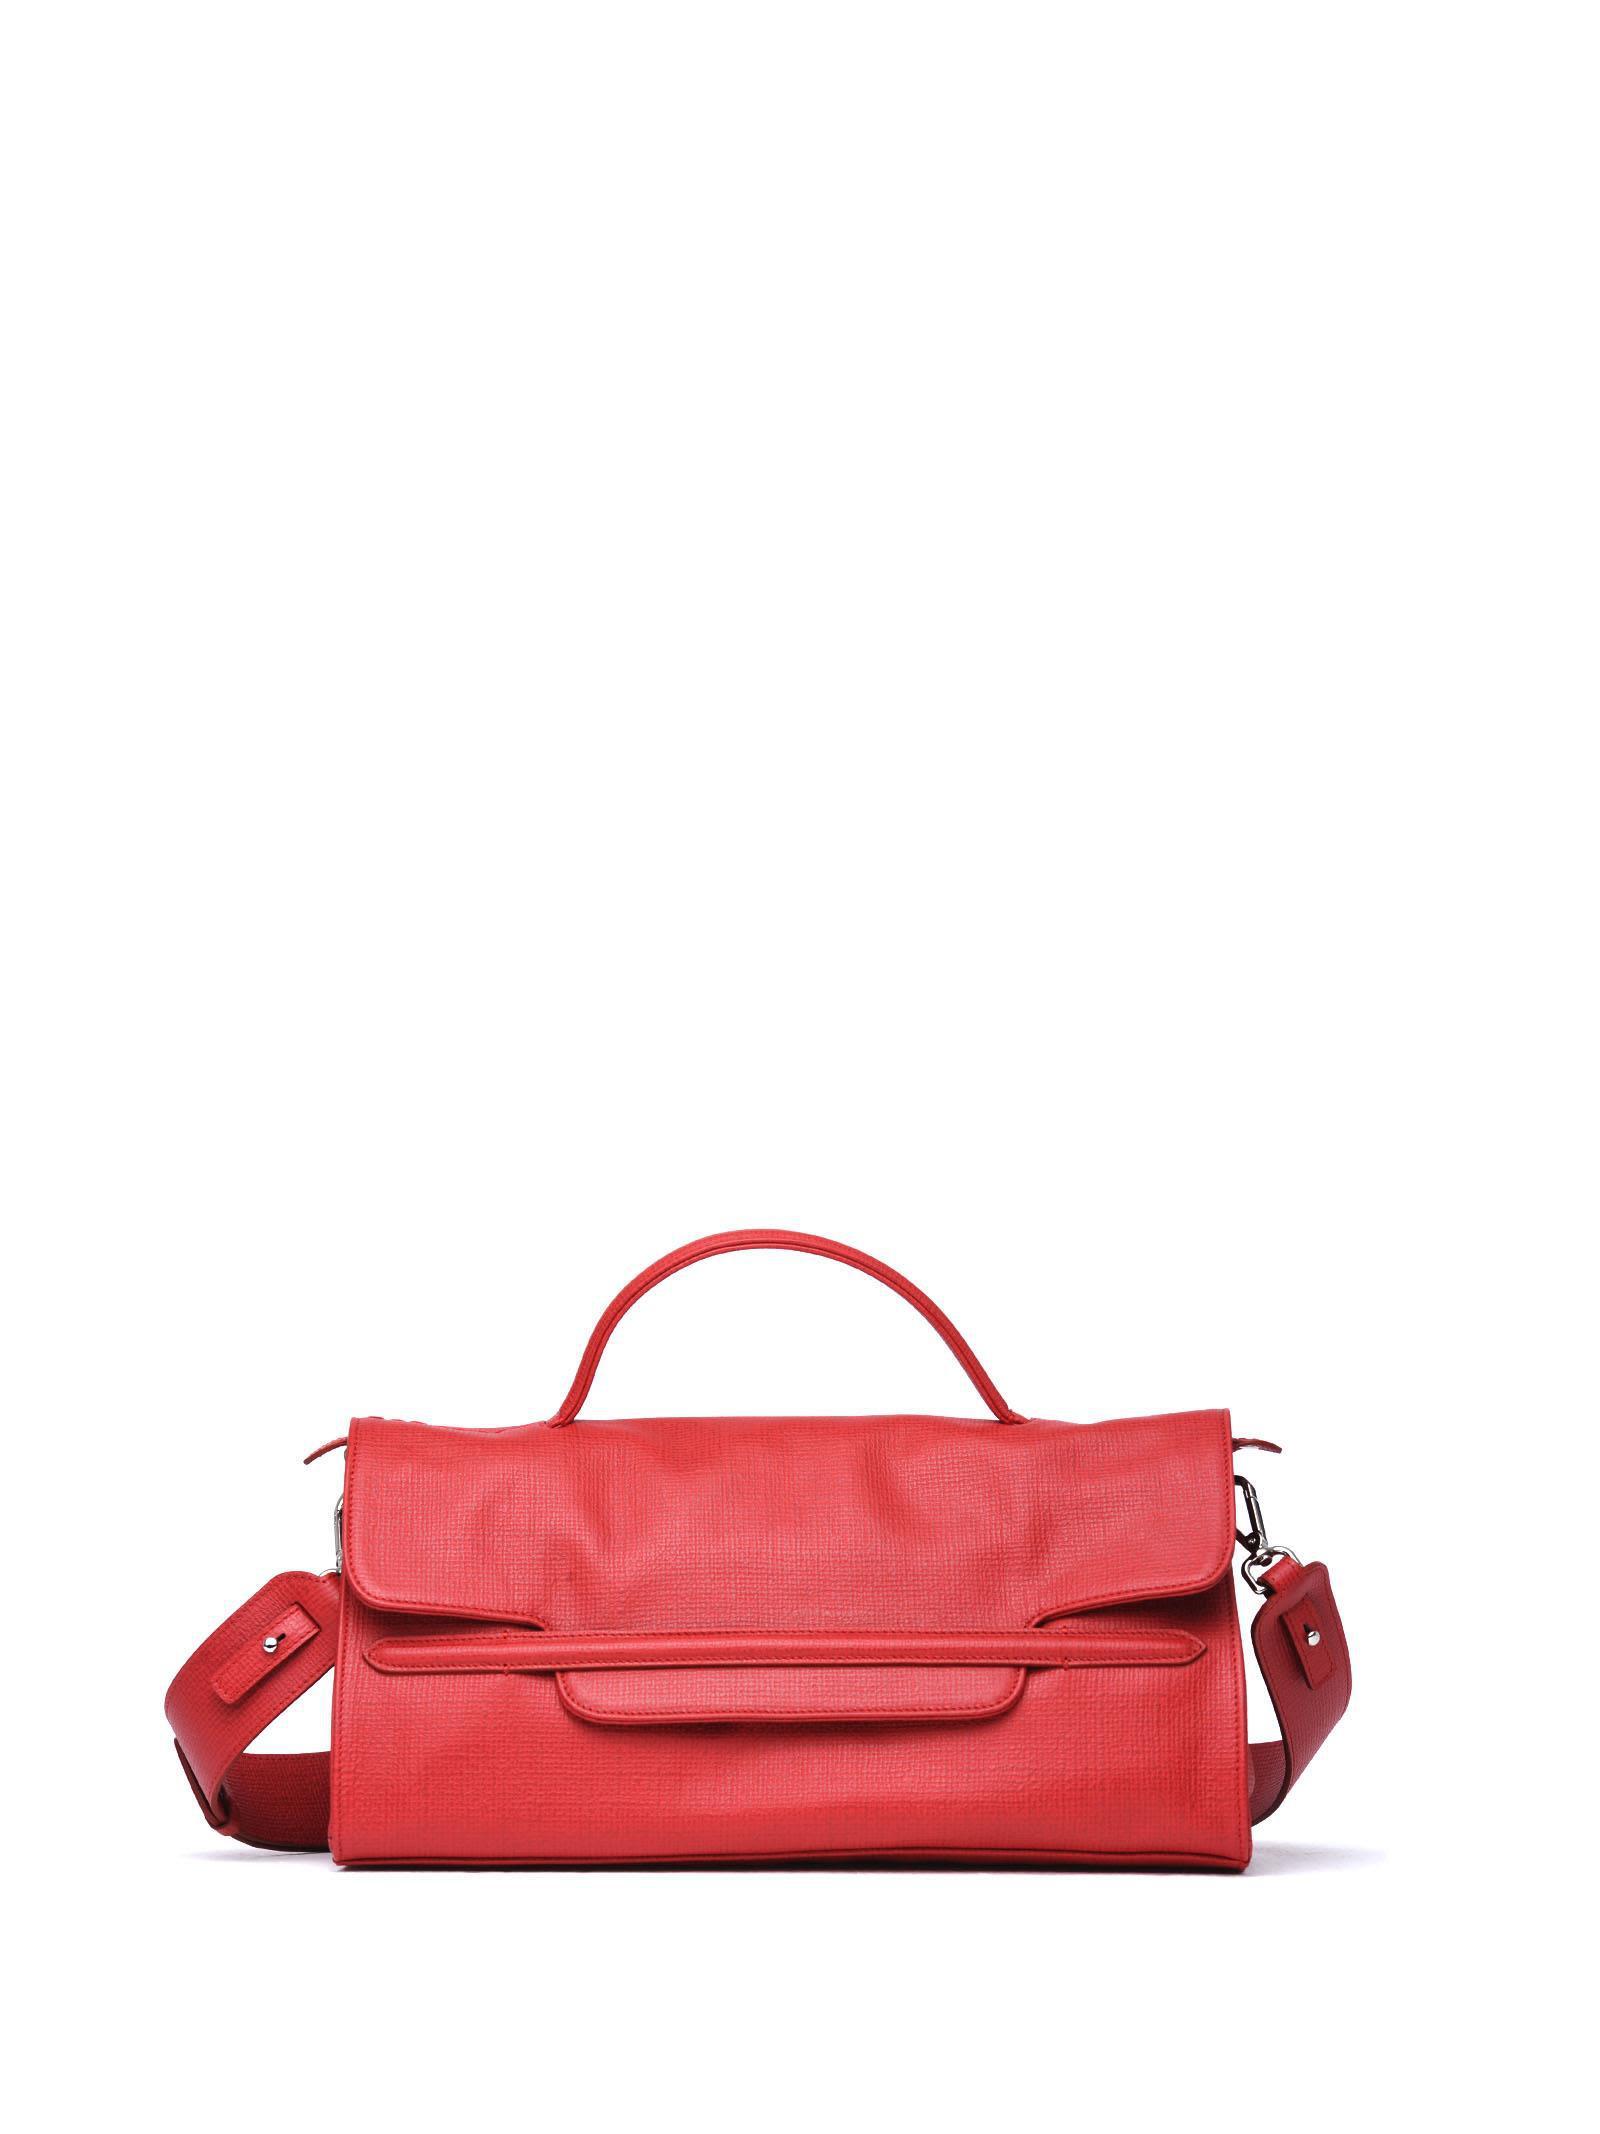 Zanellato Nina-bag M Curturo Passion In Rosso